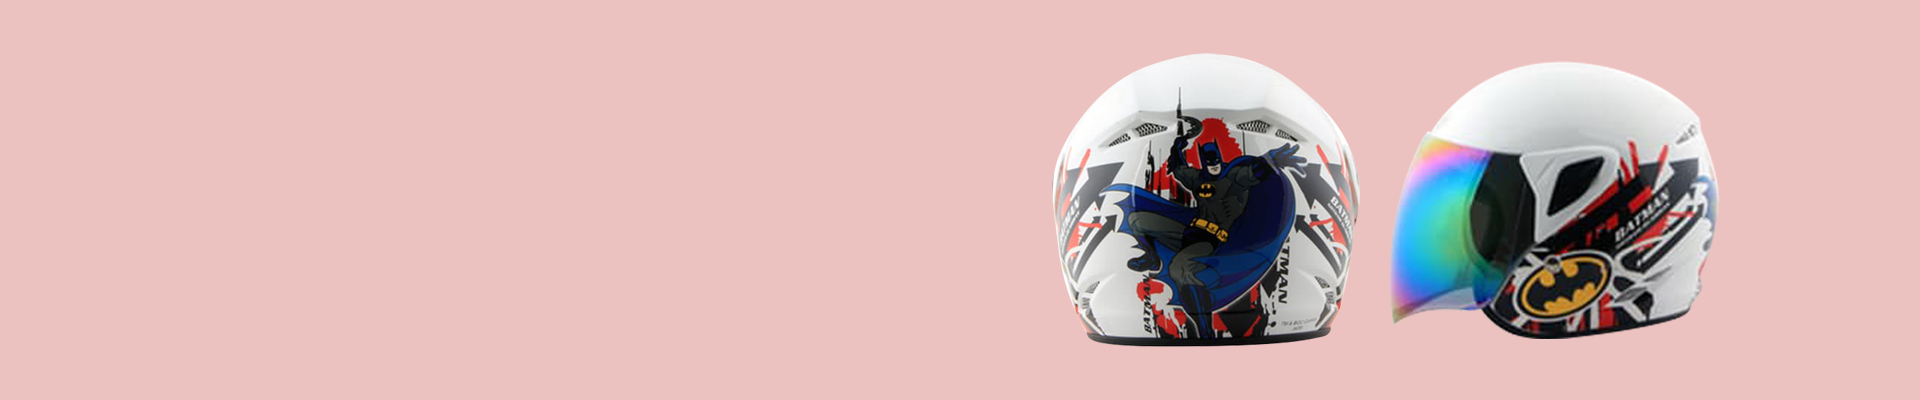 Jual Helm Anak Terbaik & Terlengkap - Harga Murah